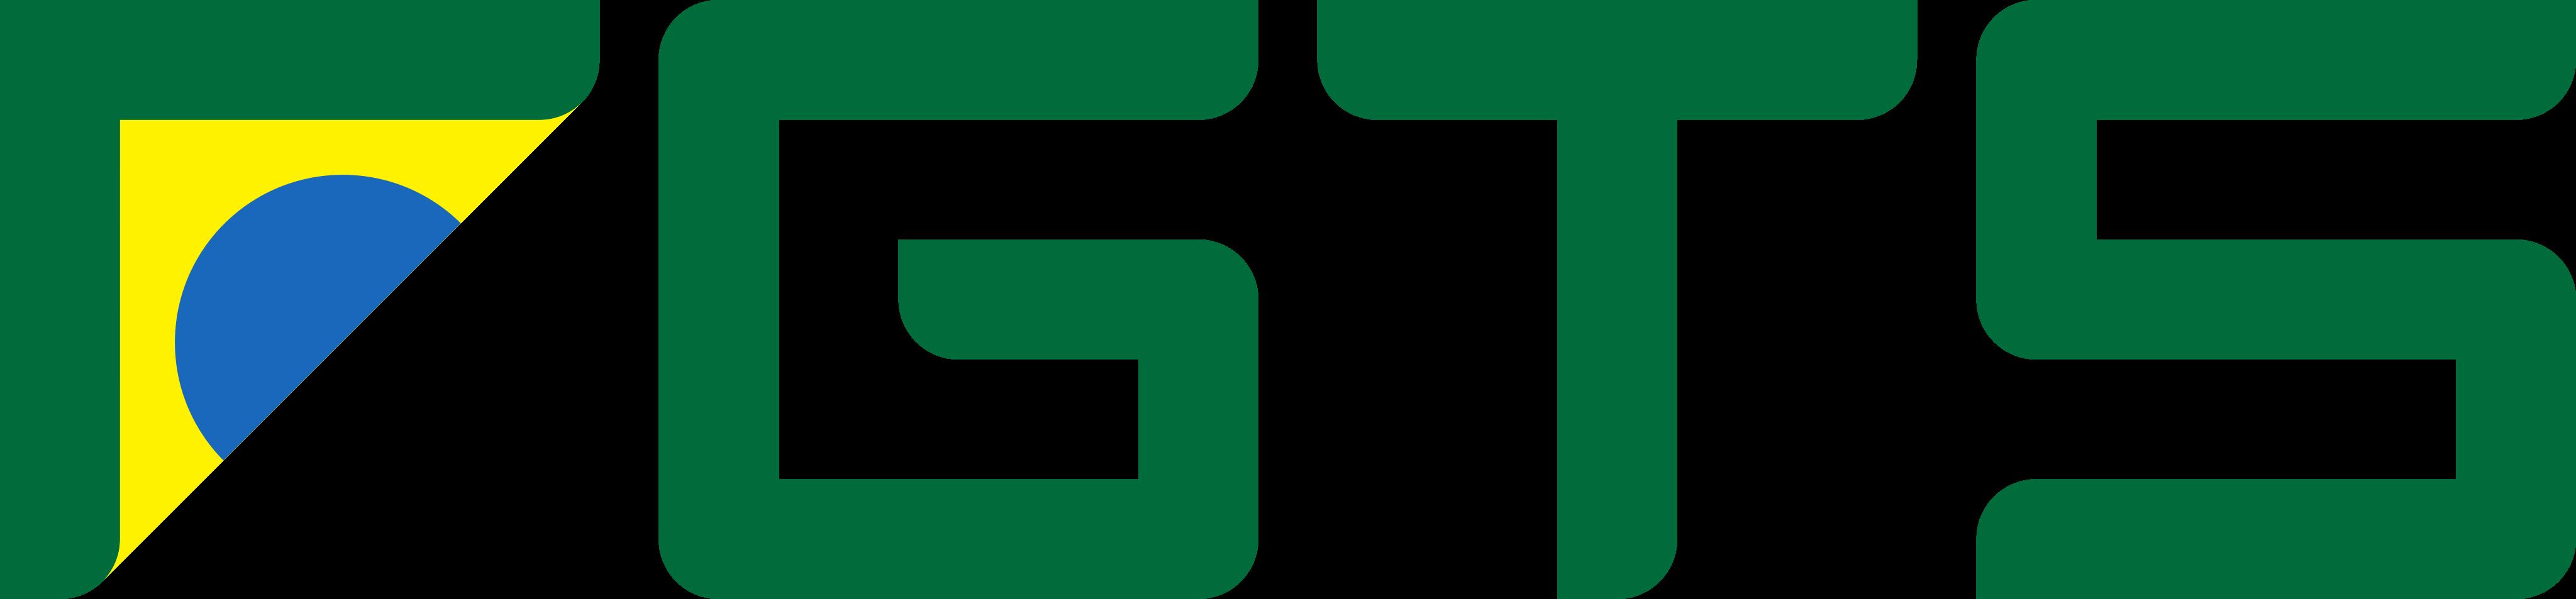 fgts logo 01 - FGTS Logo